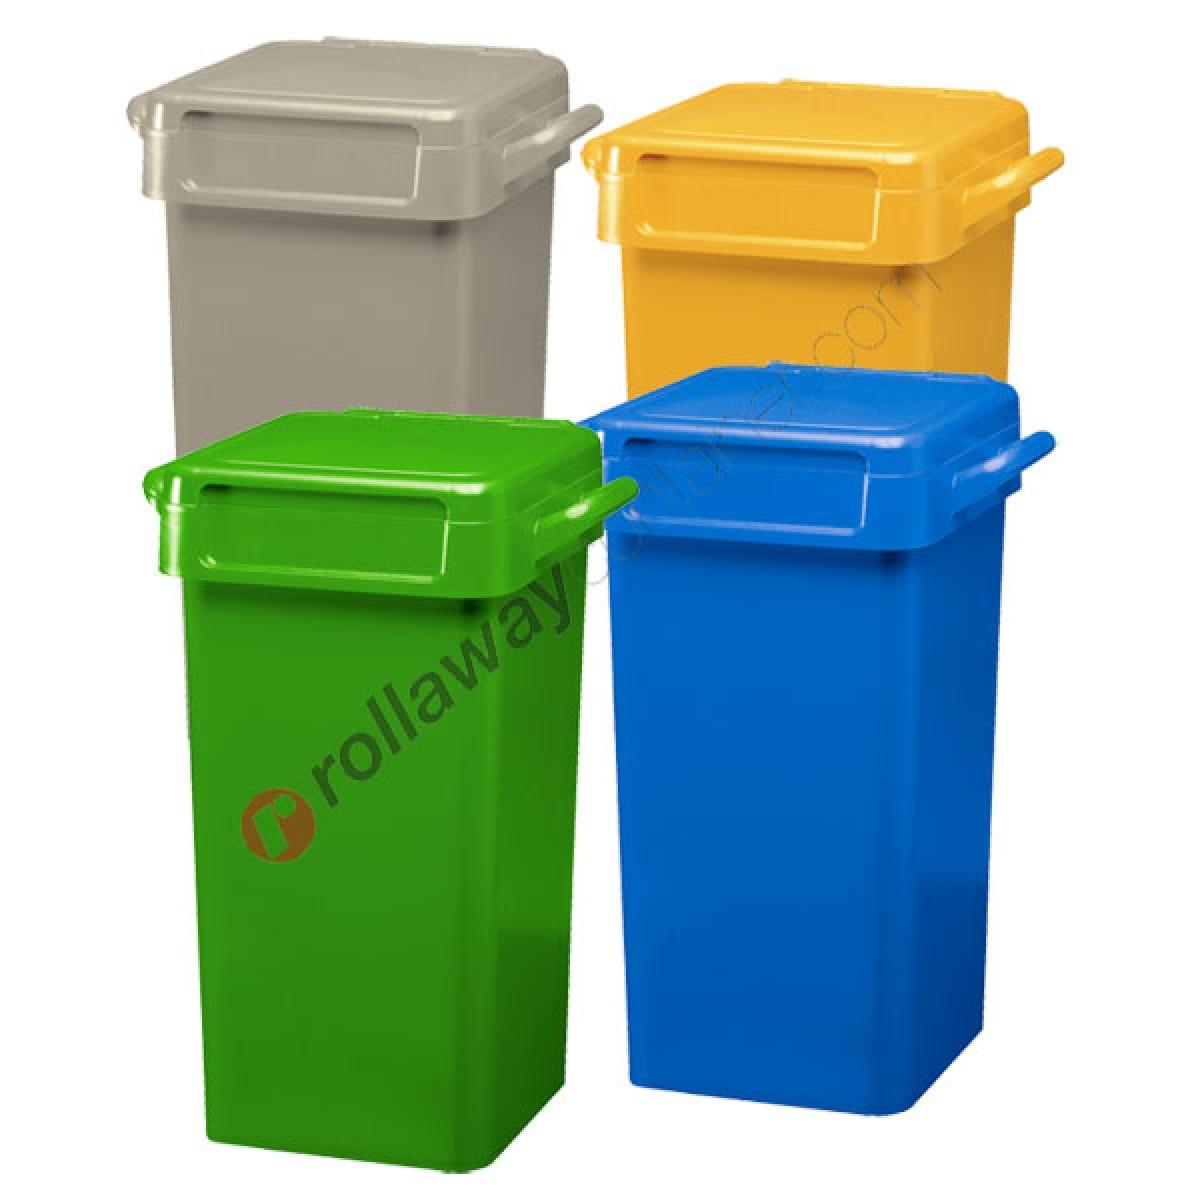 Box Per Bidoni Spazzatura bidoni spazzatura differenziata da 70 litri con maniglie per svuotamento  manuale